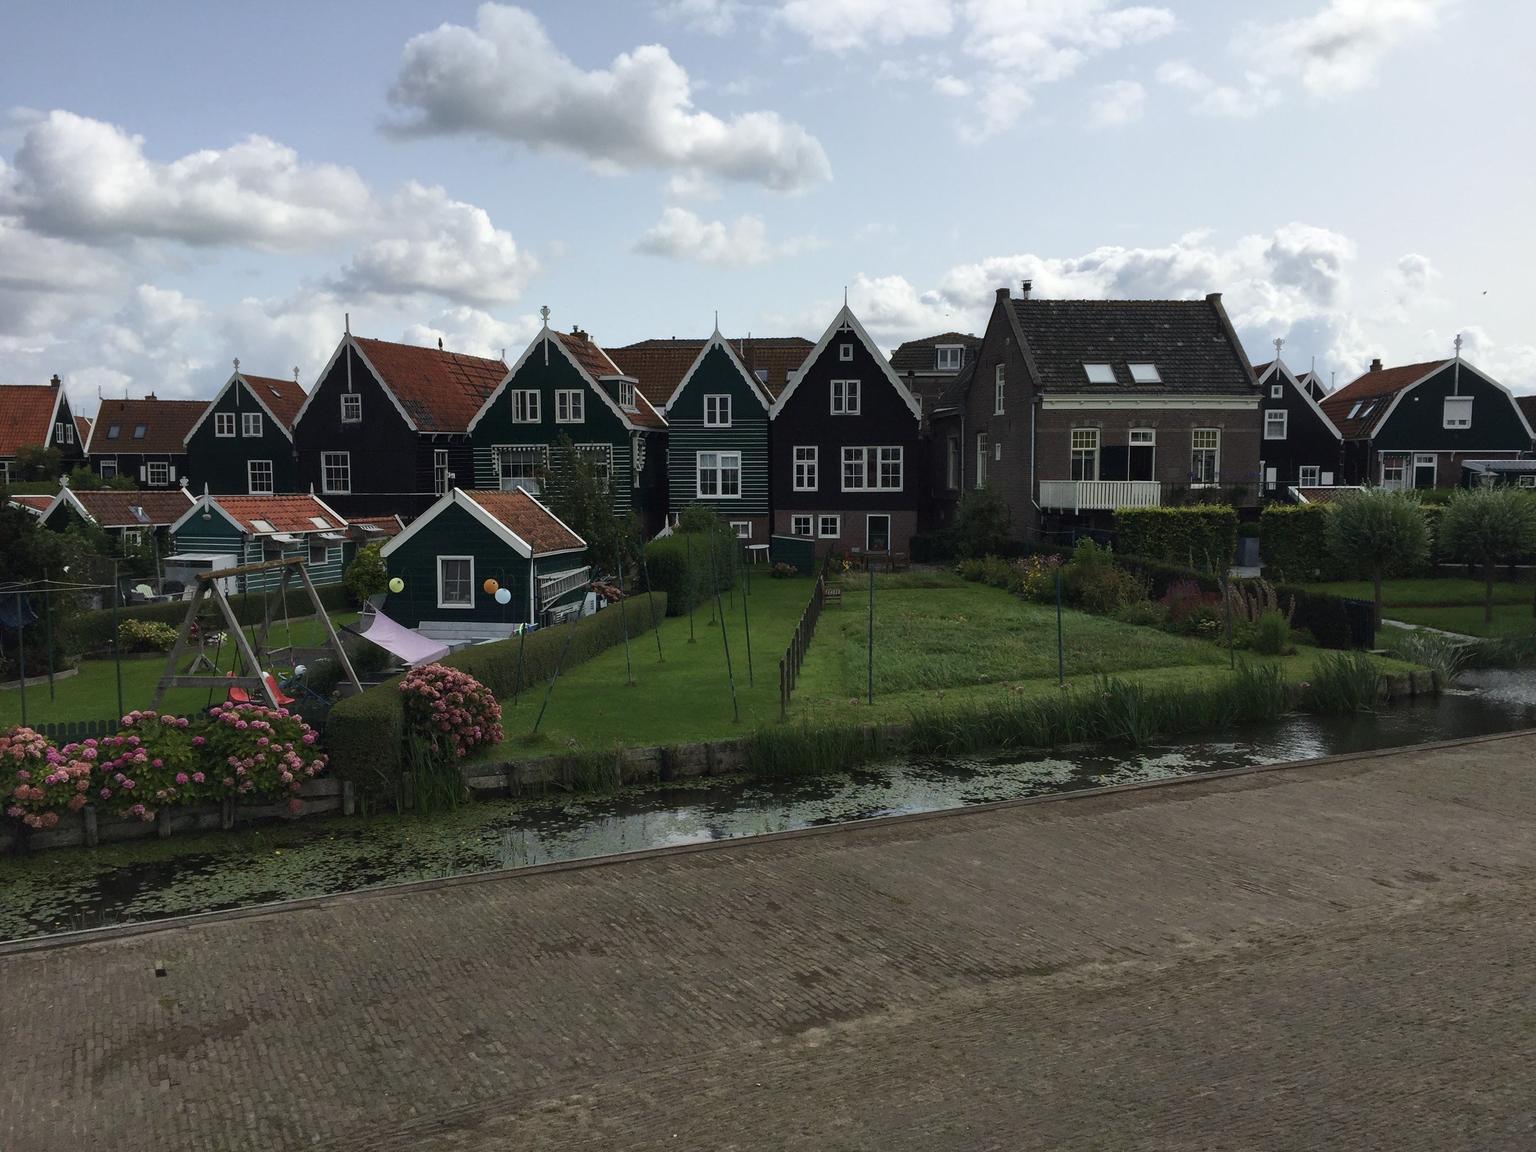 MAIS FOTOS, Viagem diurna pelos moinhos holandeses e a zona rural saindo de Amsterdã, incluindo degustação de queijos em Volendam